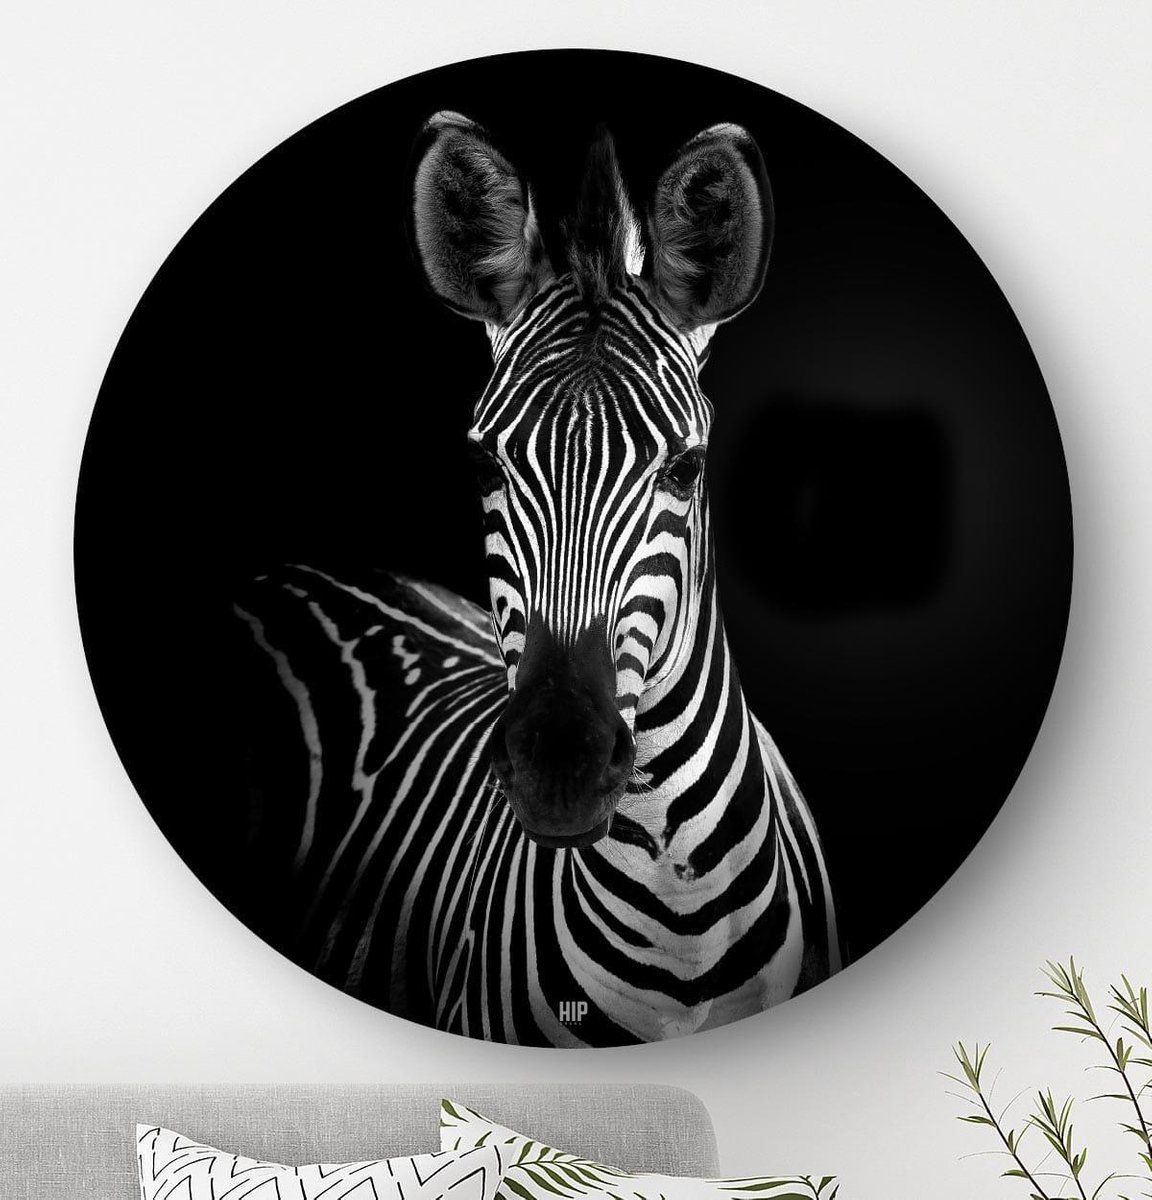 Hip Orgnl Schilderij Zebra 100cm Wandcirkel Dieren Zwart Wit Schilderij Zebra S Kunstwerk